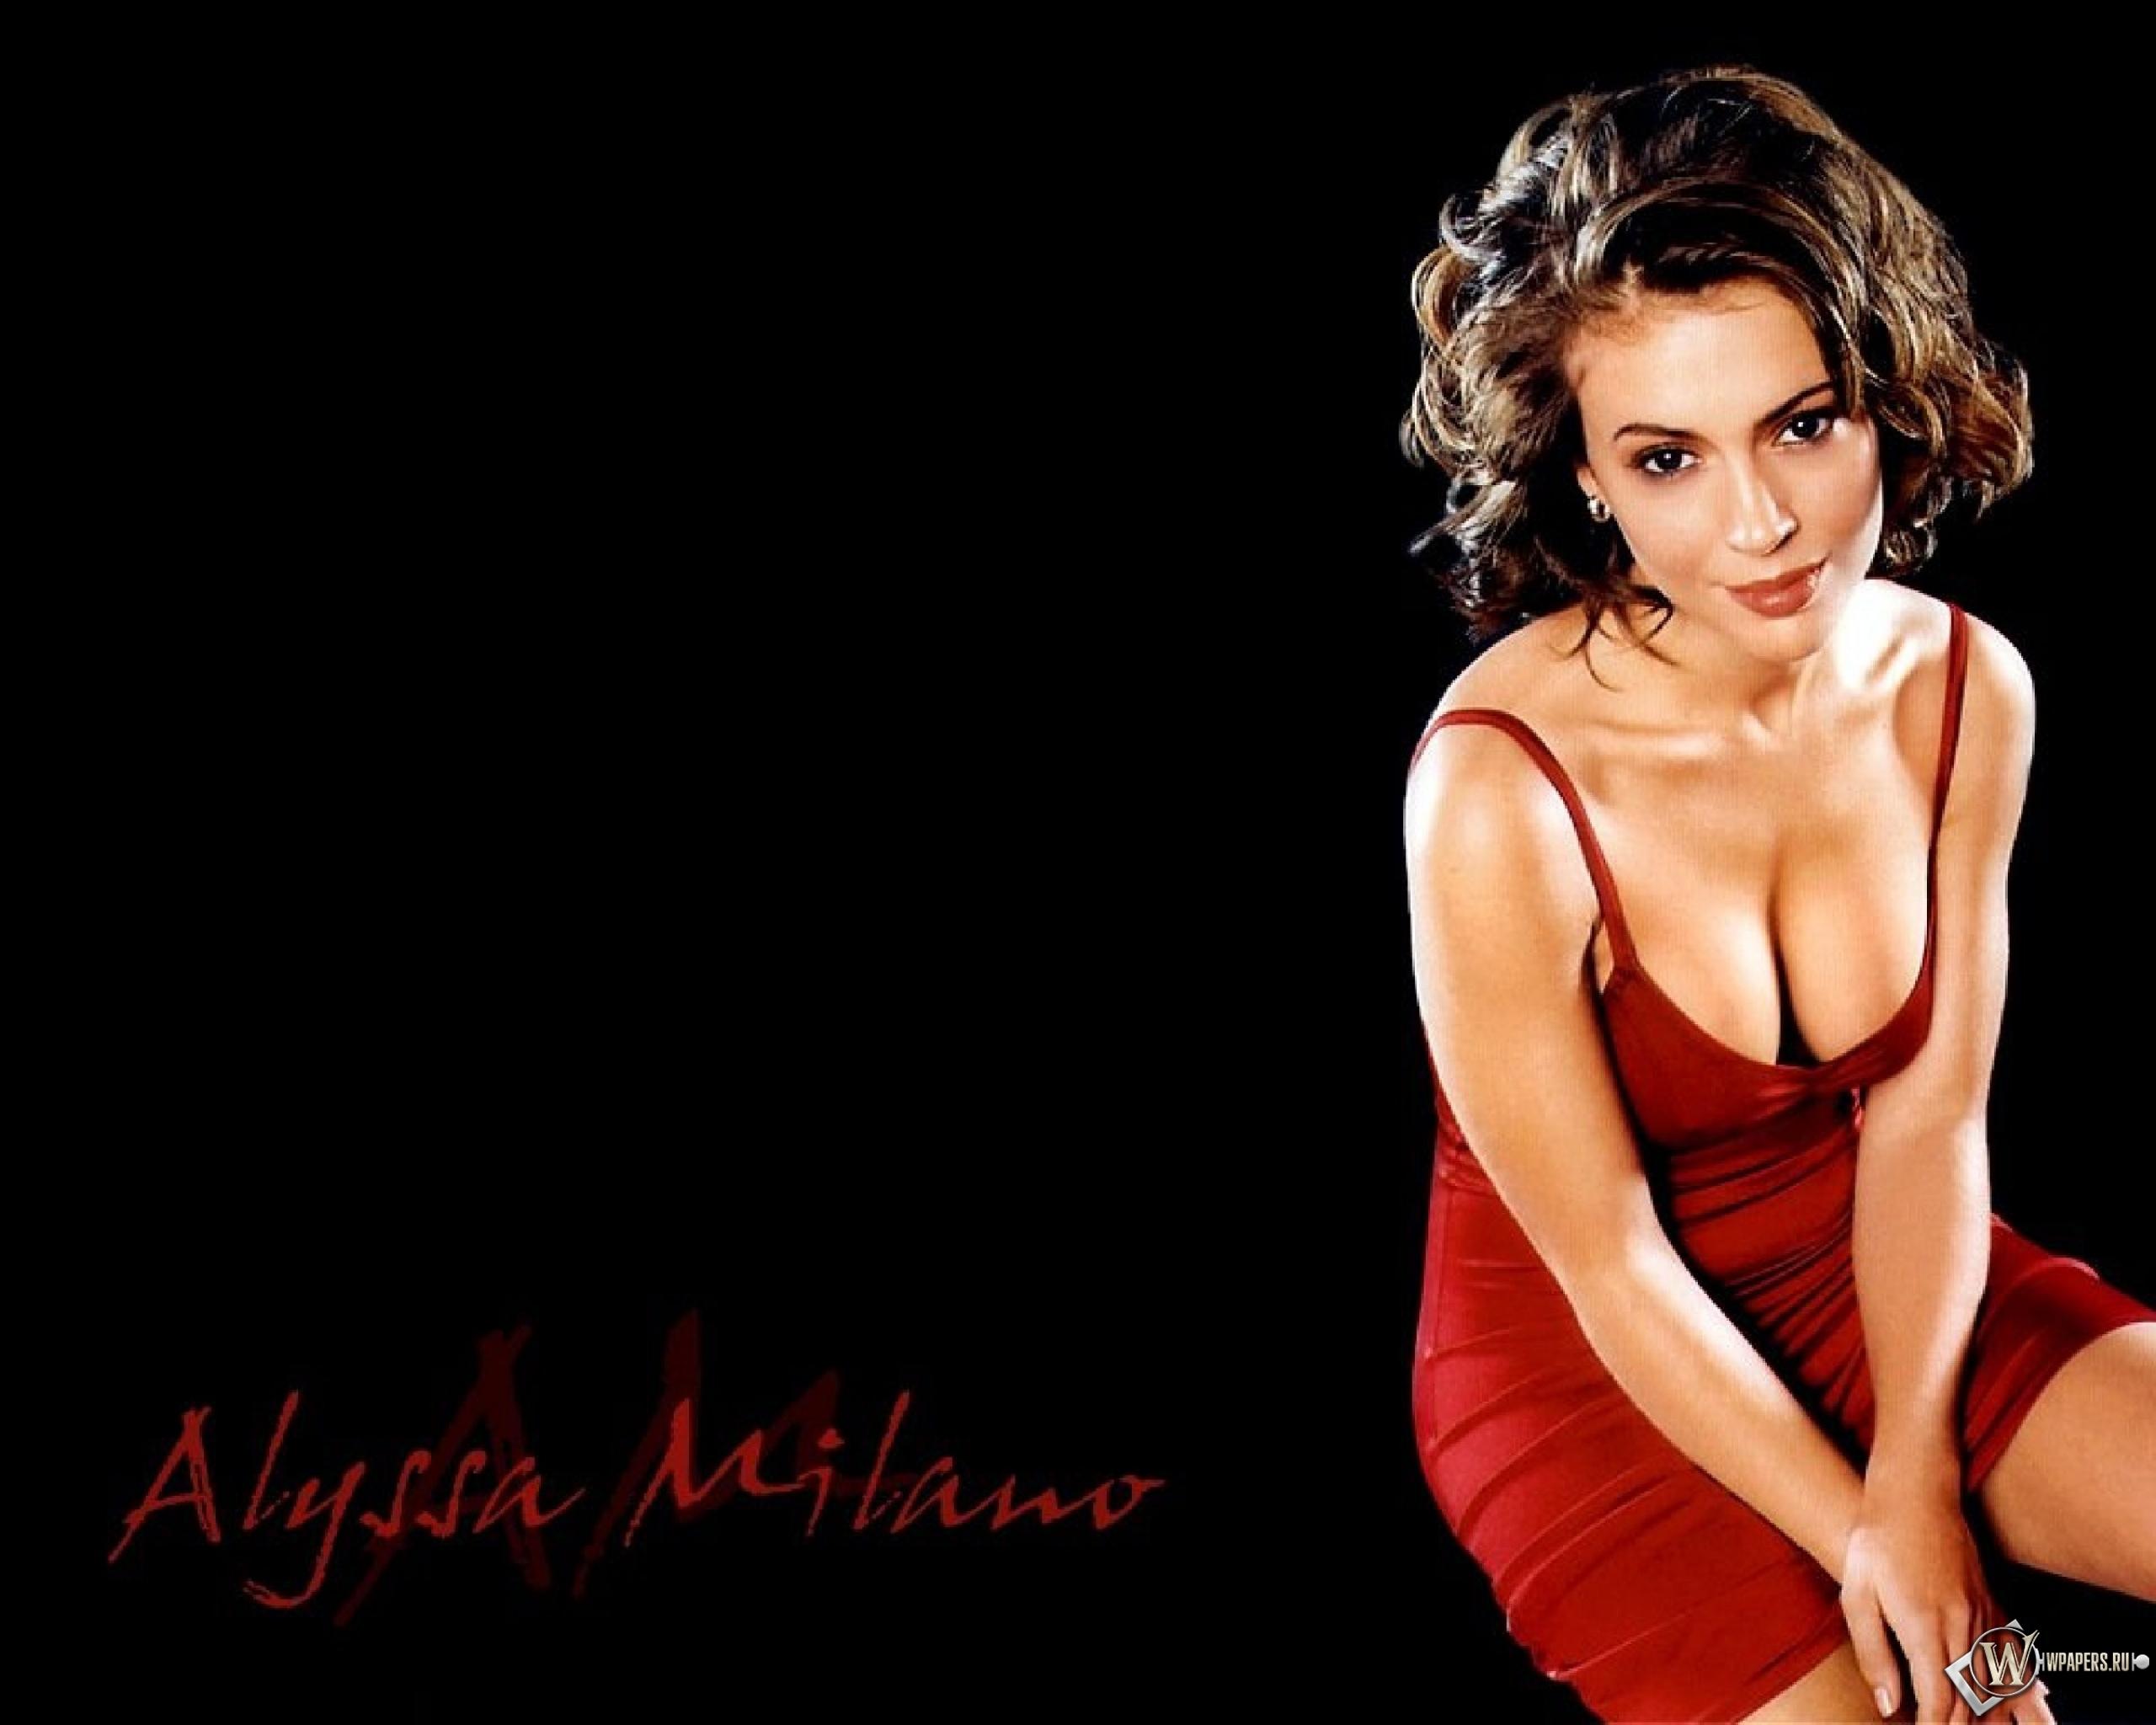 Alyssa Milano 2560x2048